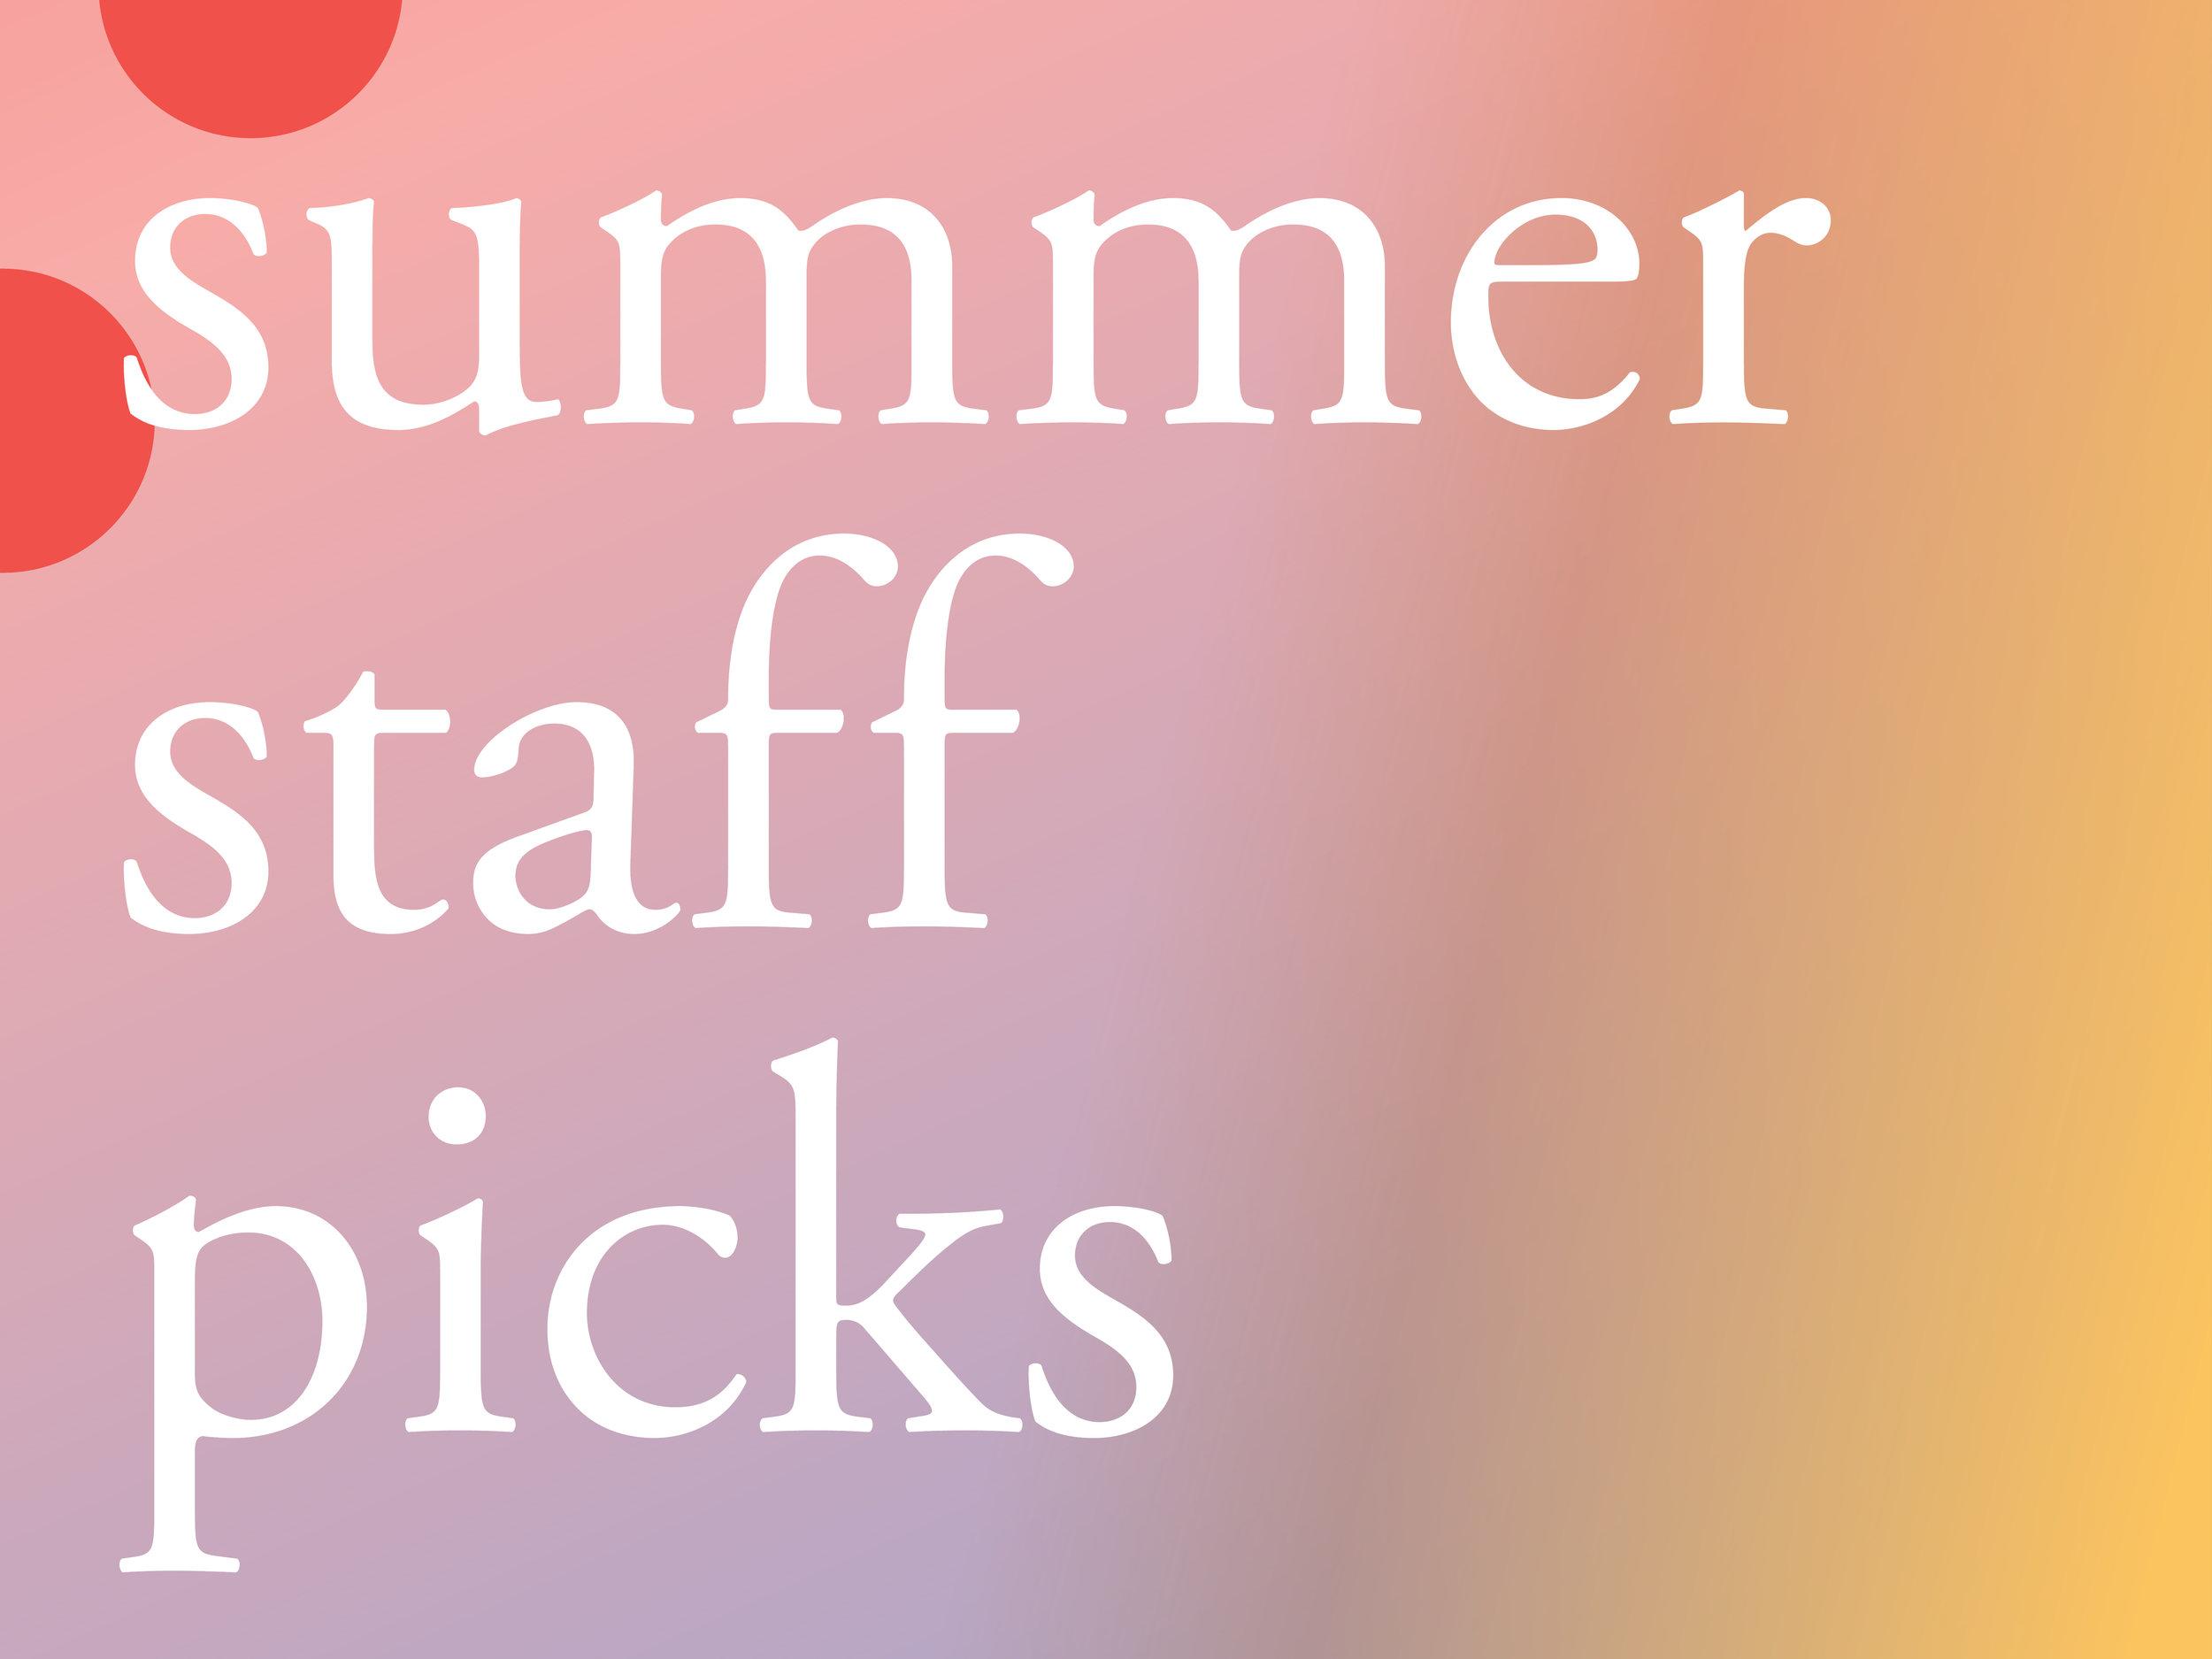 Summer Staff Picks 2019.jpg